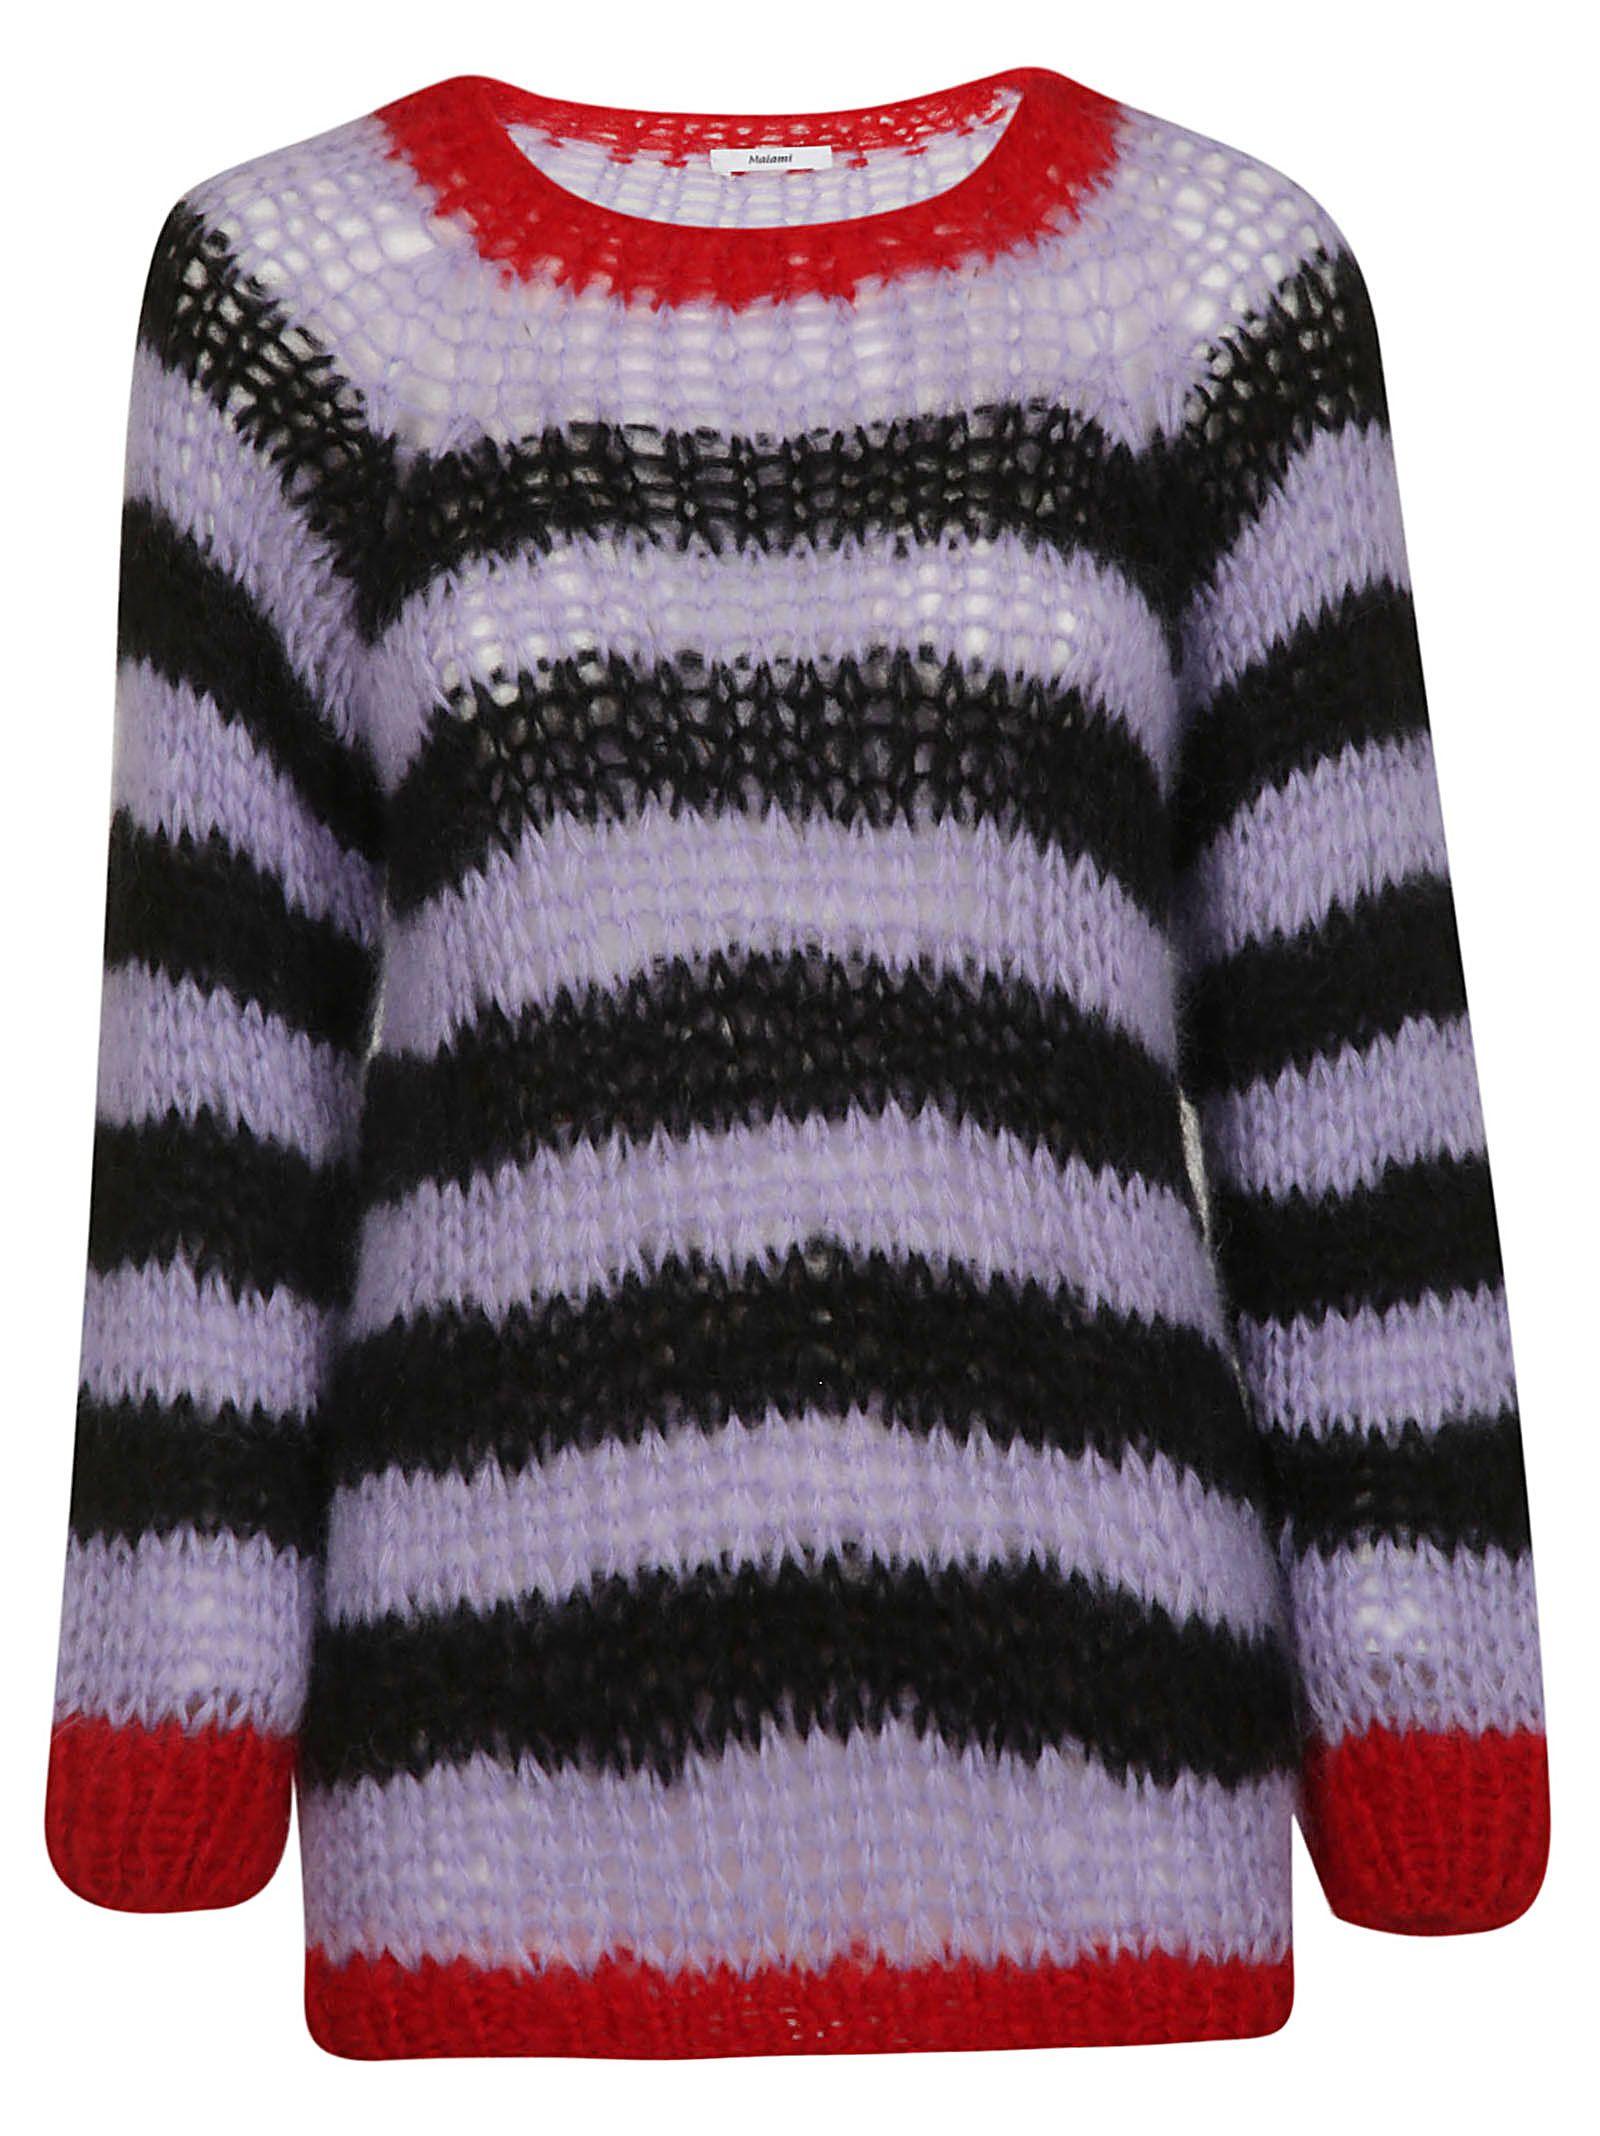 MAIAMI Maiami Striped Sweater in Rosso/Nero/Lavanda